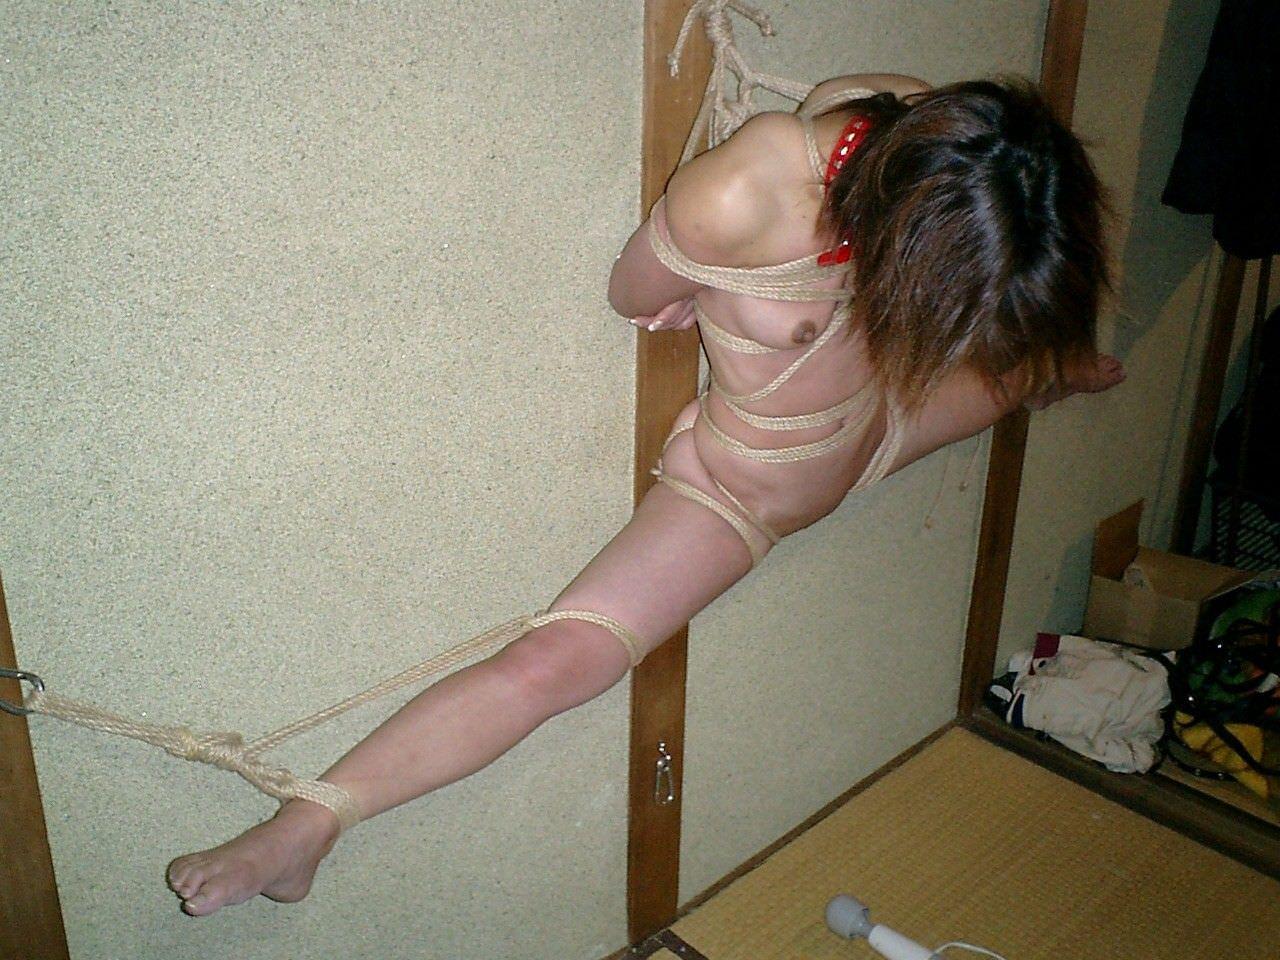 ハードな緊縛調教で体を痛めつけるヤバいSMエロ画像 3218